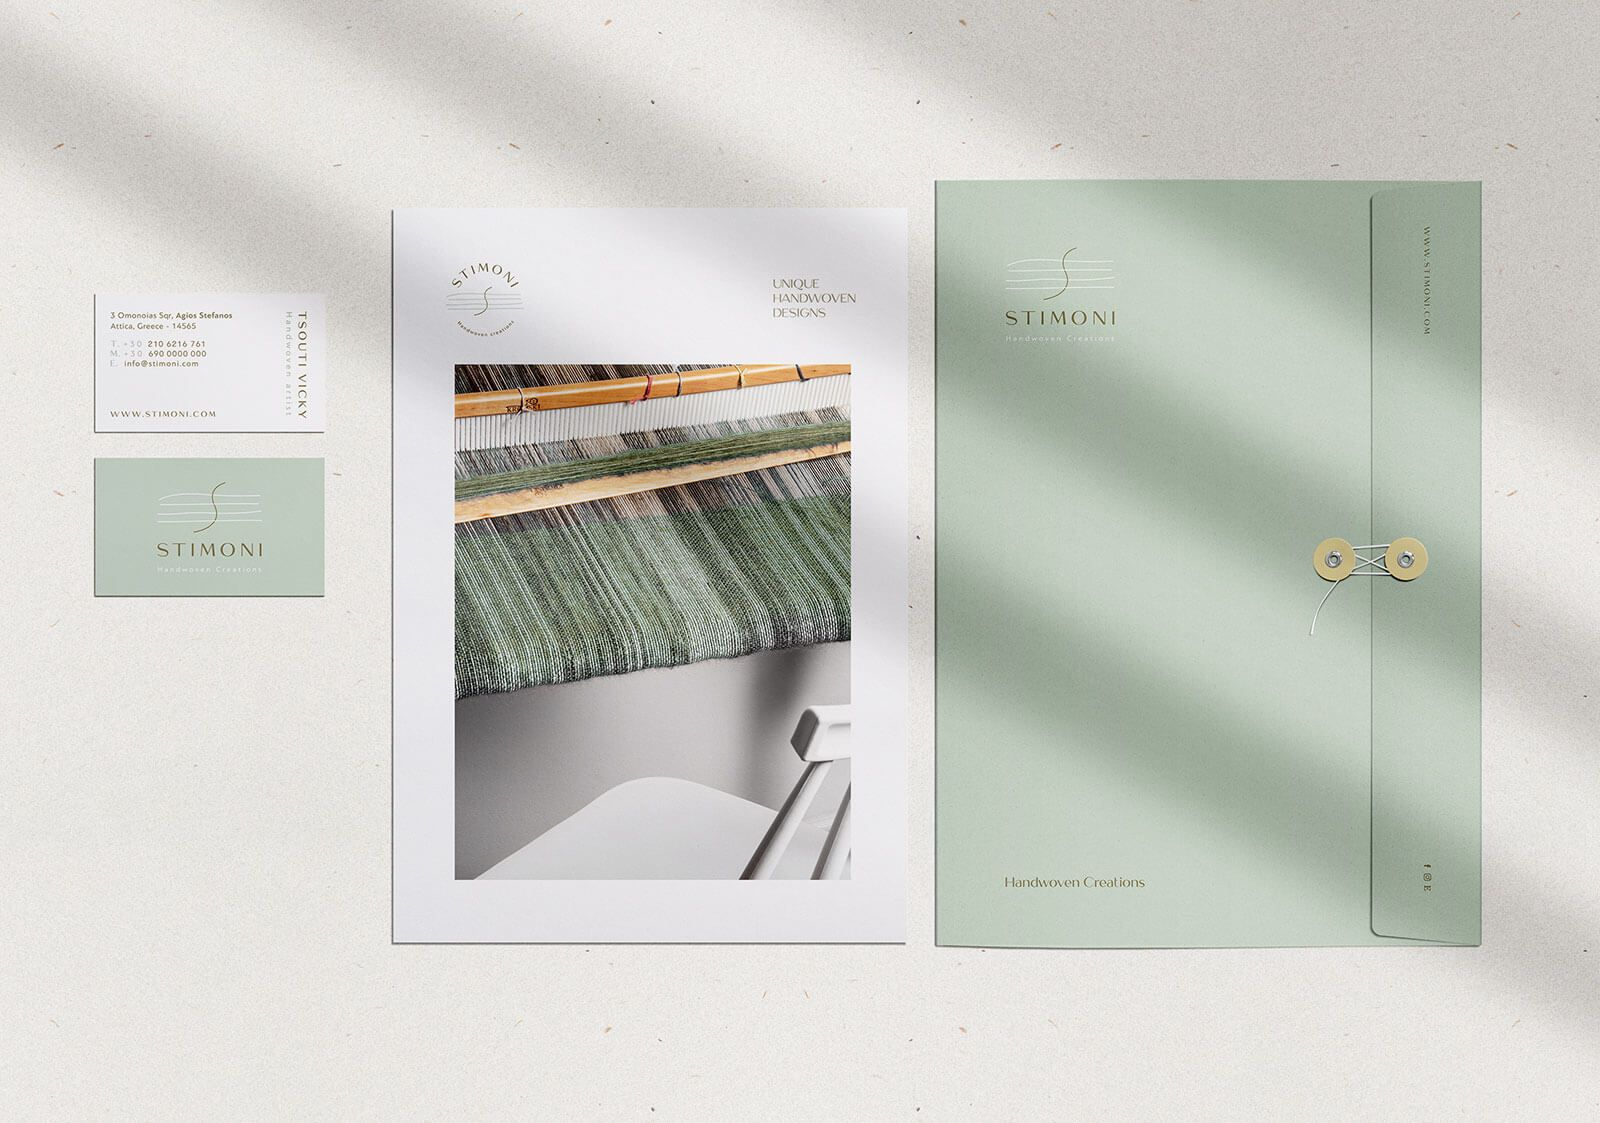 Stimoni Branding Folder Envelope Cards